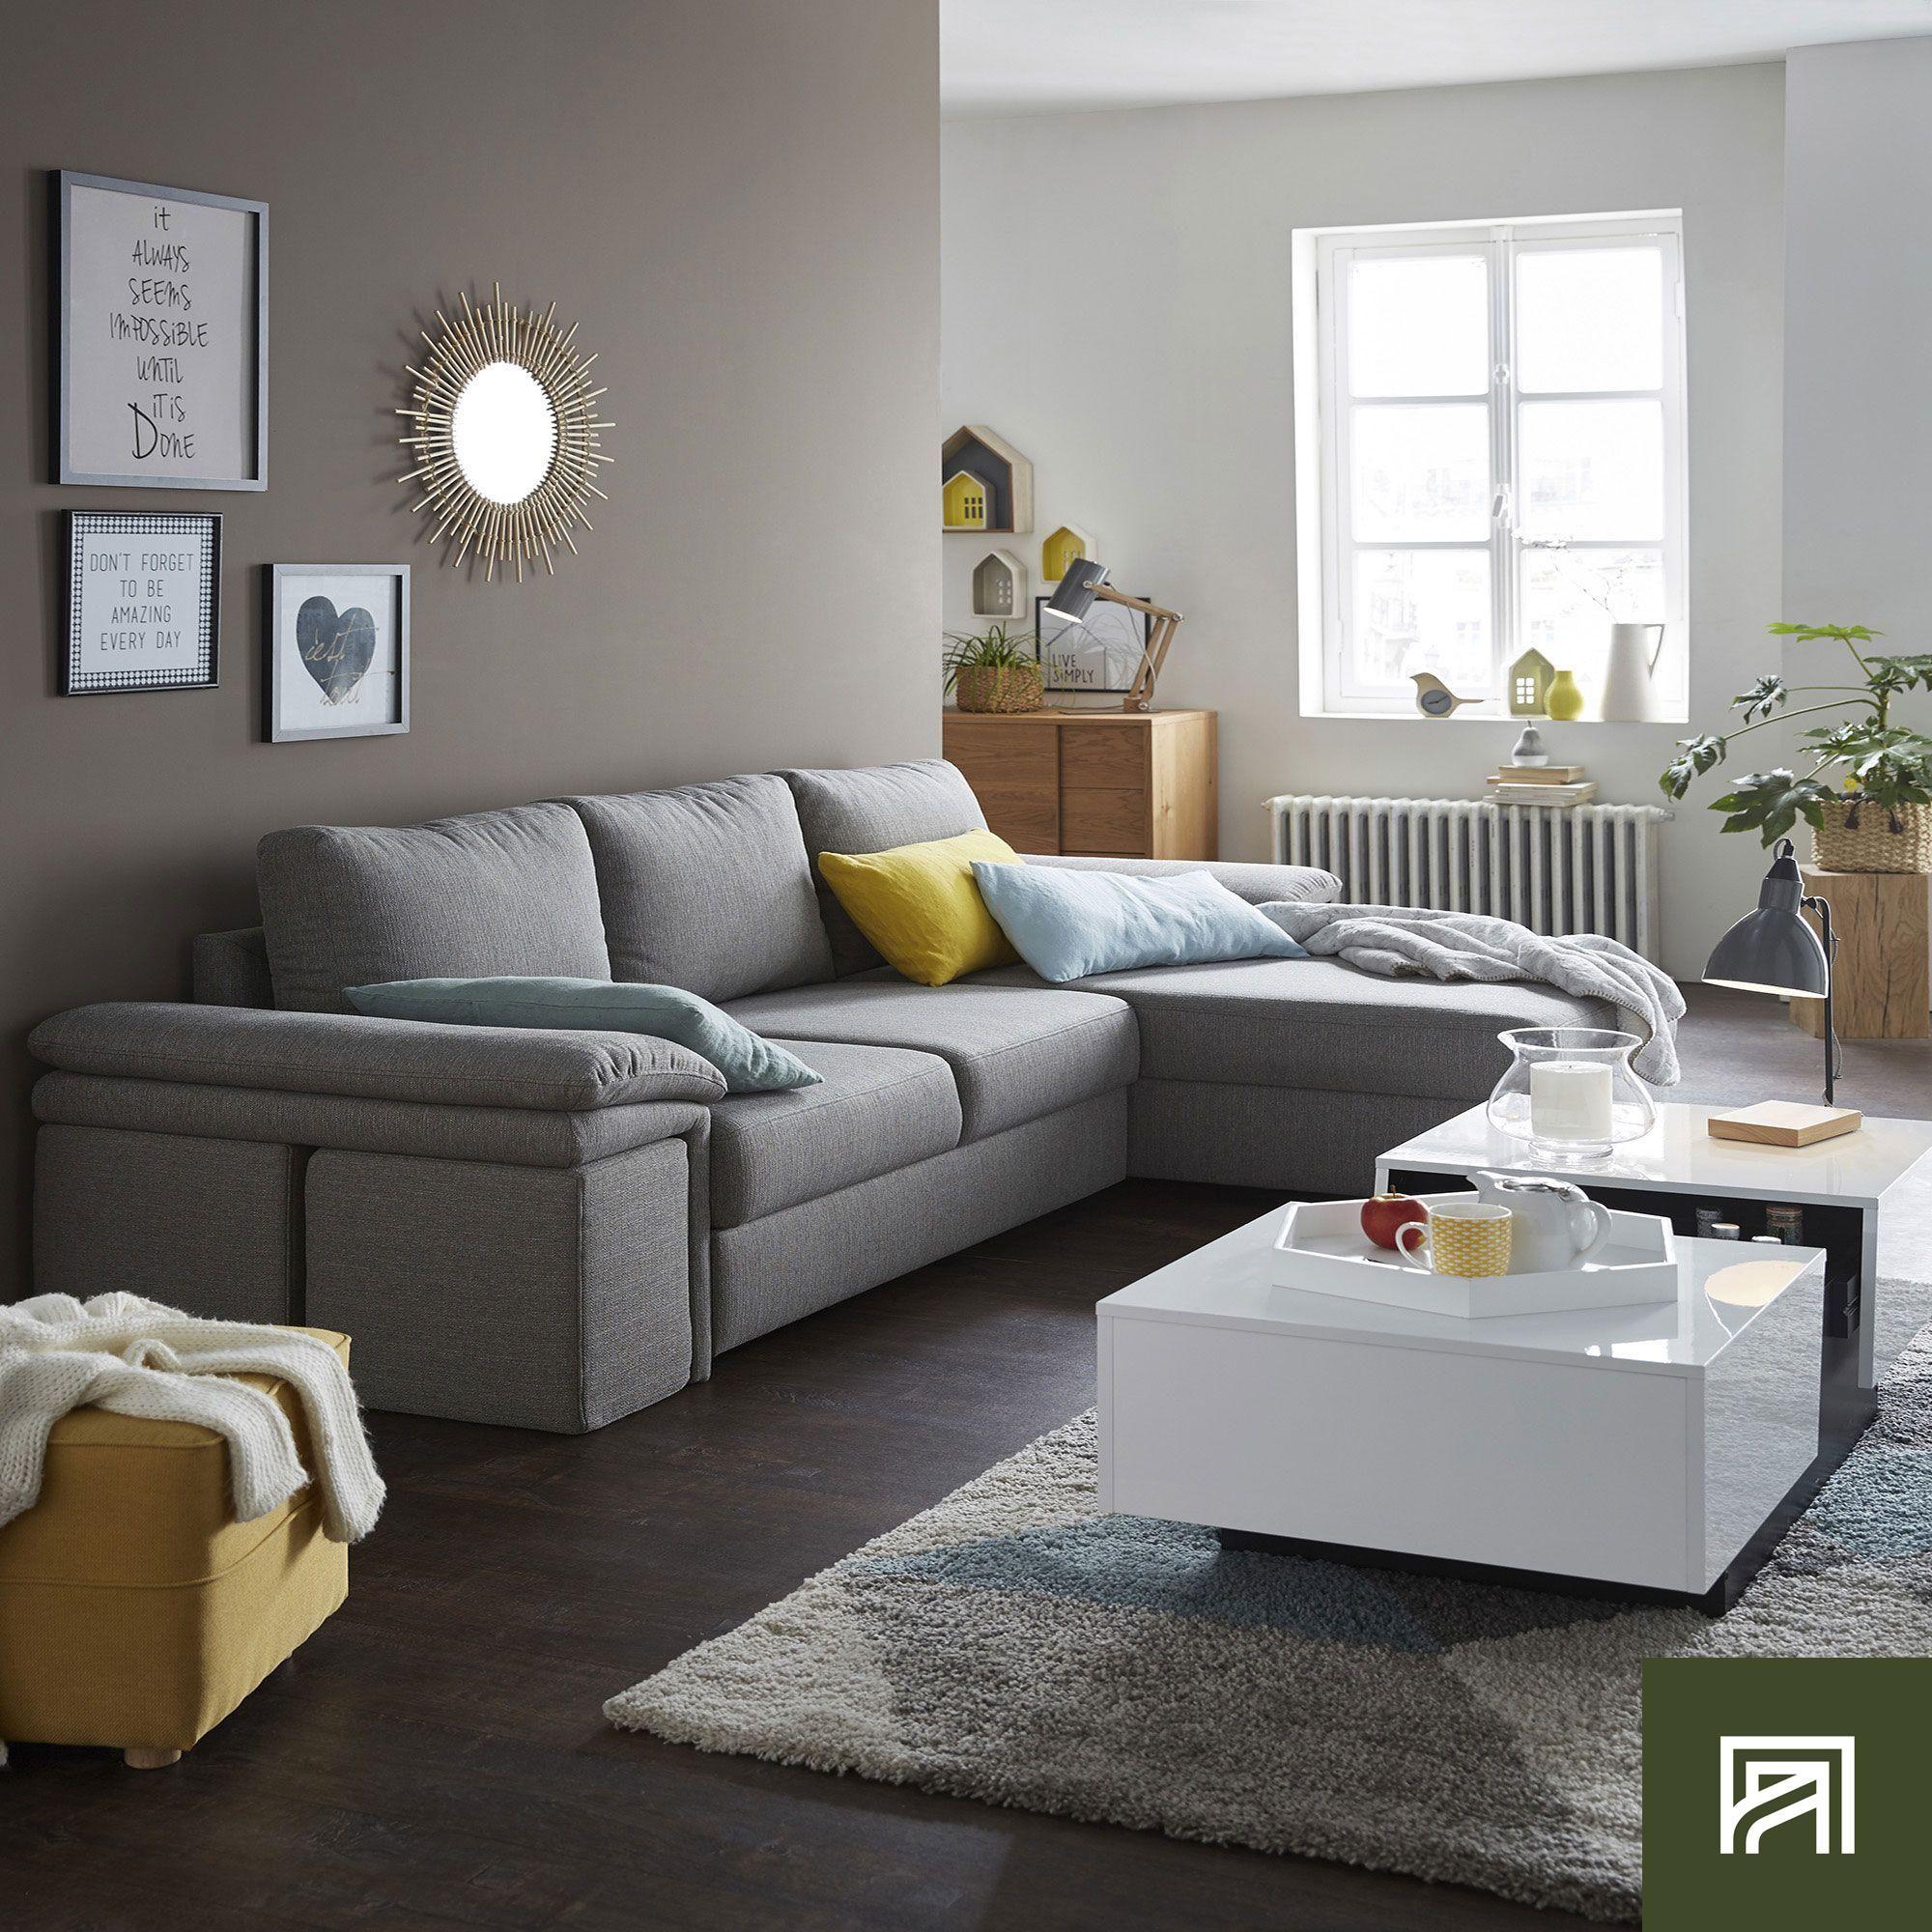 Canapé D'Angle Réversible Convertible En Tissu Gris Clair Et ... pour Canape Oslo Alinea